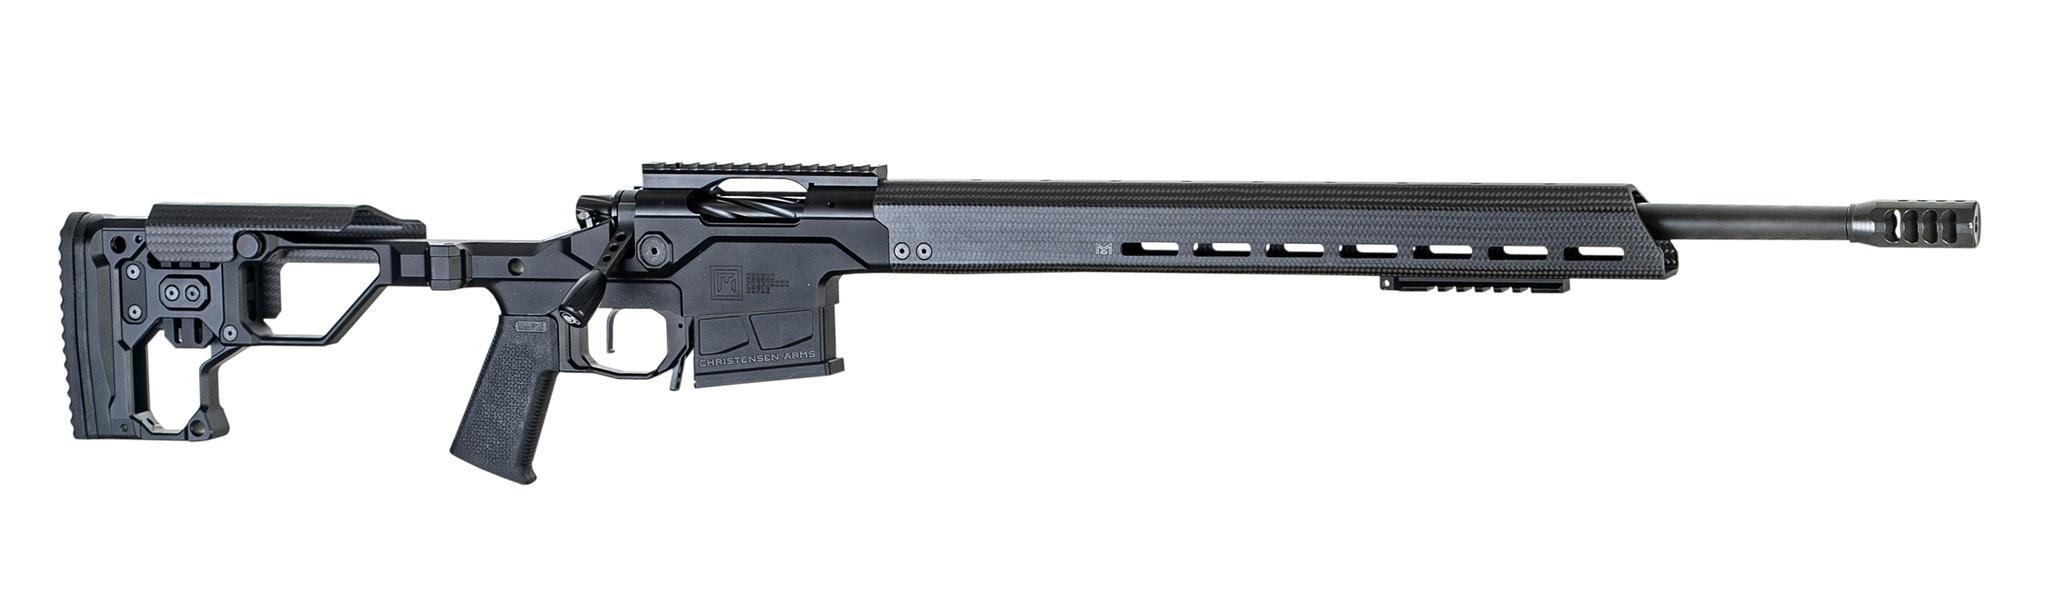 MPR STEEL 308WIN BLACK 20 - 801-03027-01